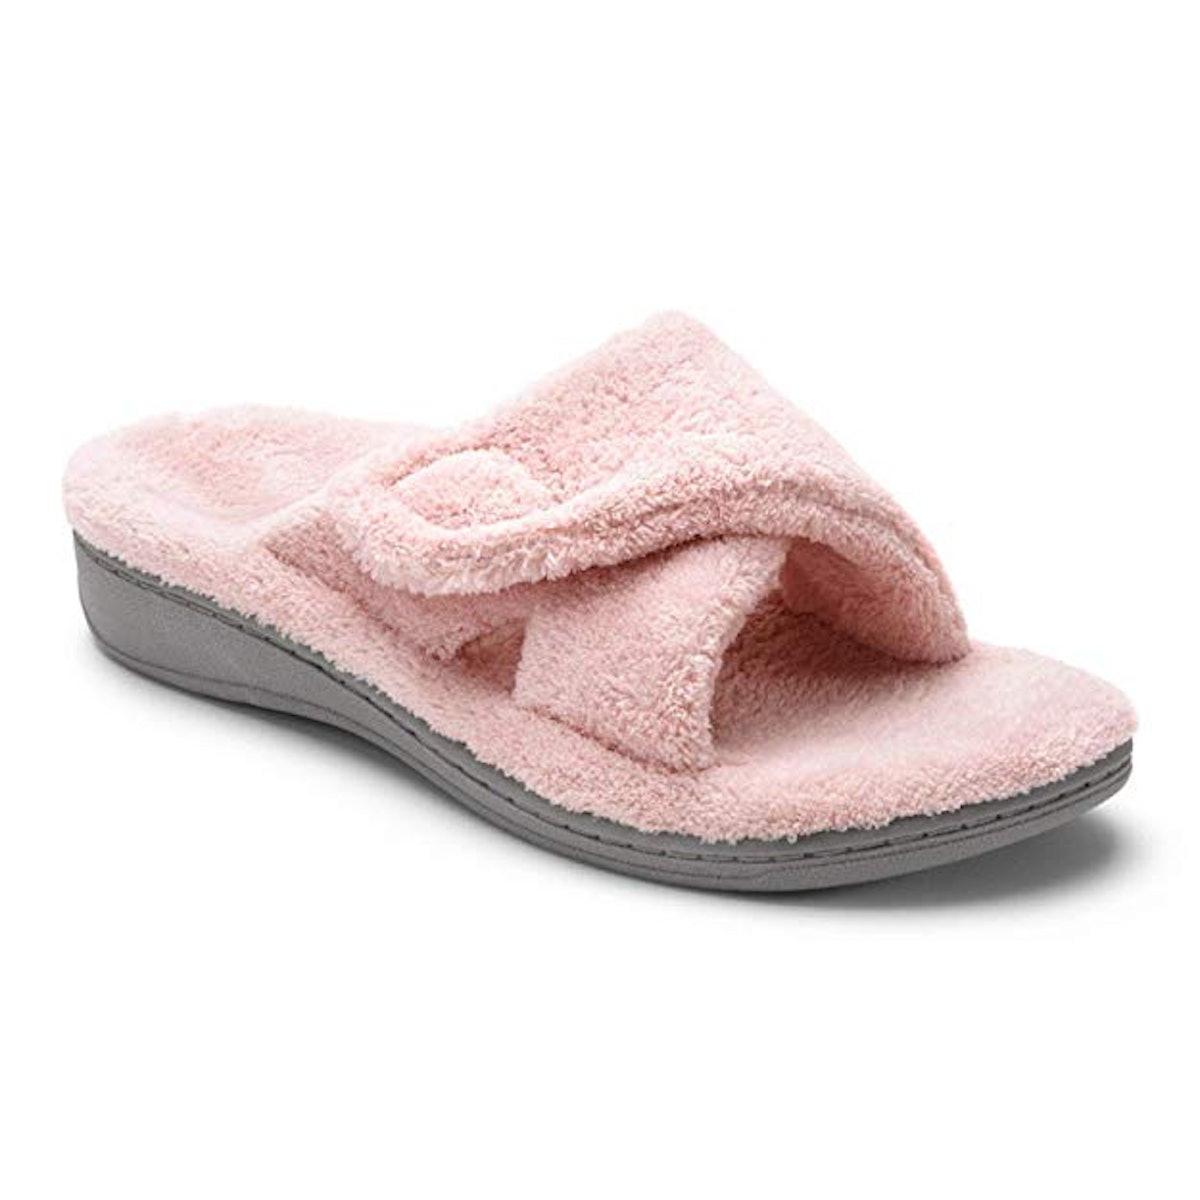 Vionic Relax Slipper